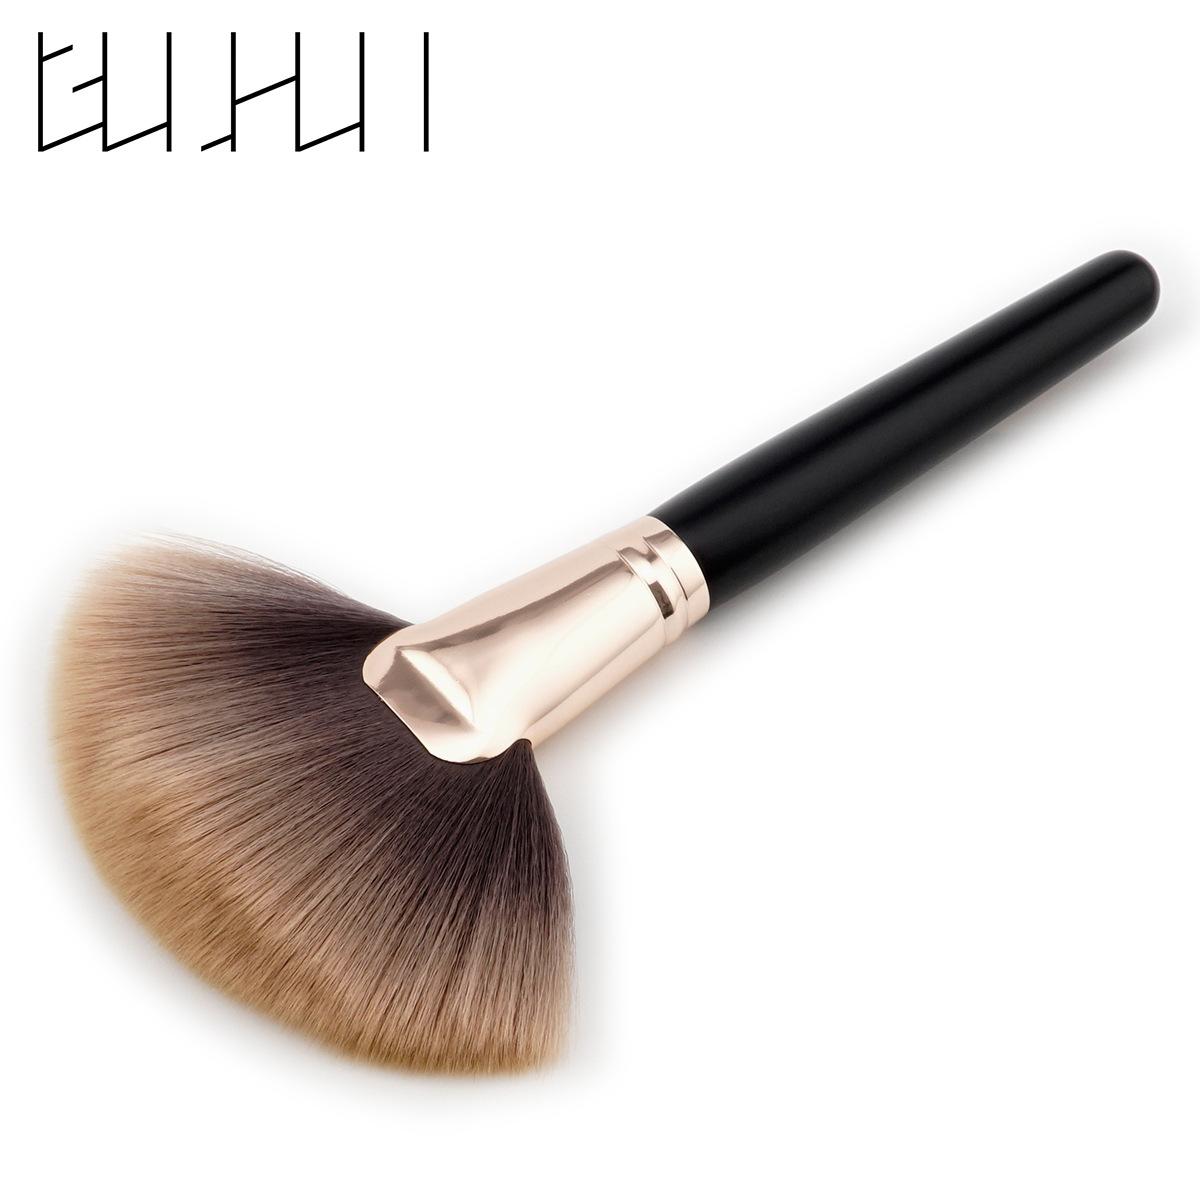 單支化妝刷_單支化妝刷 美妝工具 棕咖毛 散粉刷 扇形刷 高端木柄 GUJHUI - 阿里巴巴